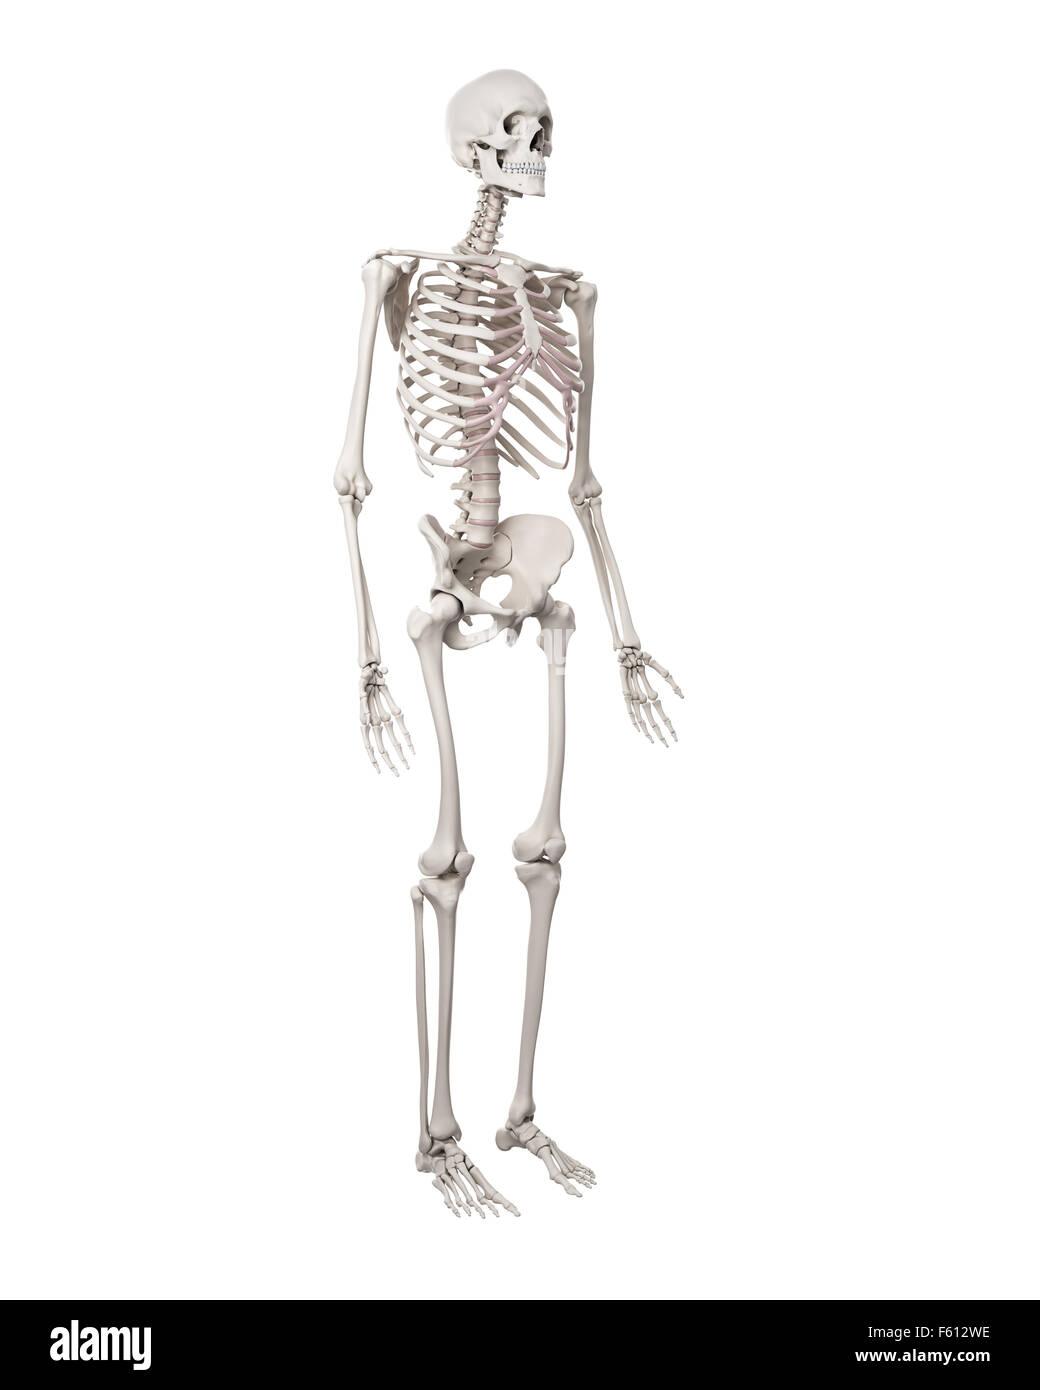 Niedlich Organe Des Skelettsystems Bilder - Anatomie Von ...